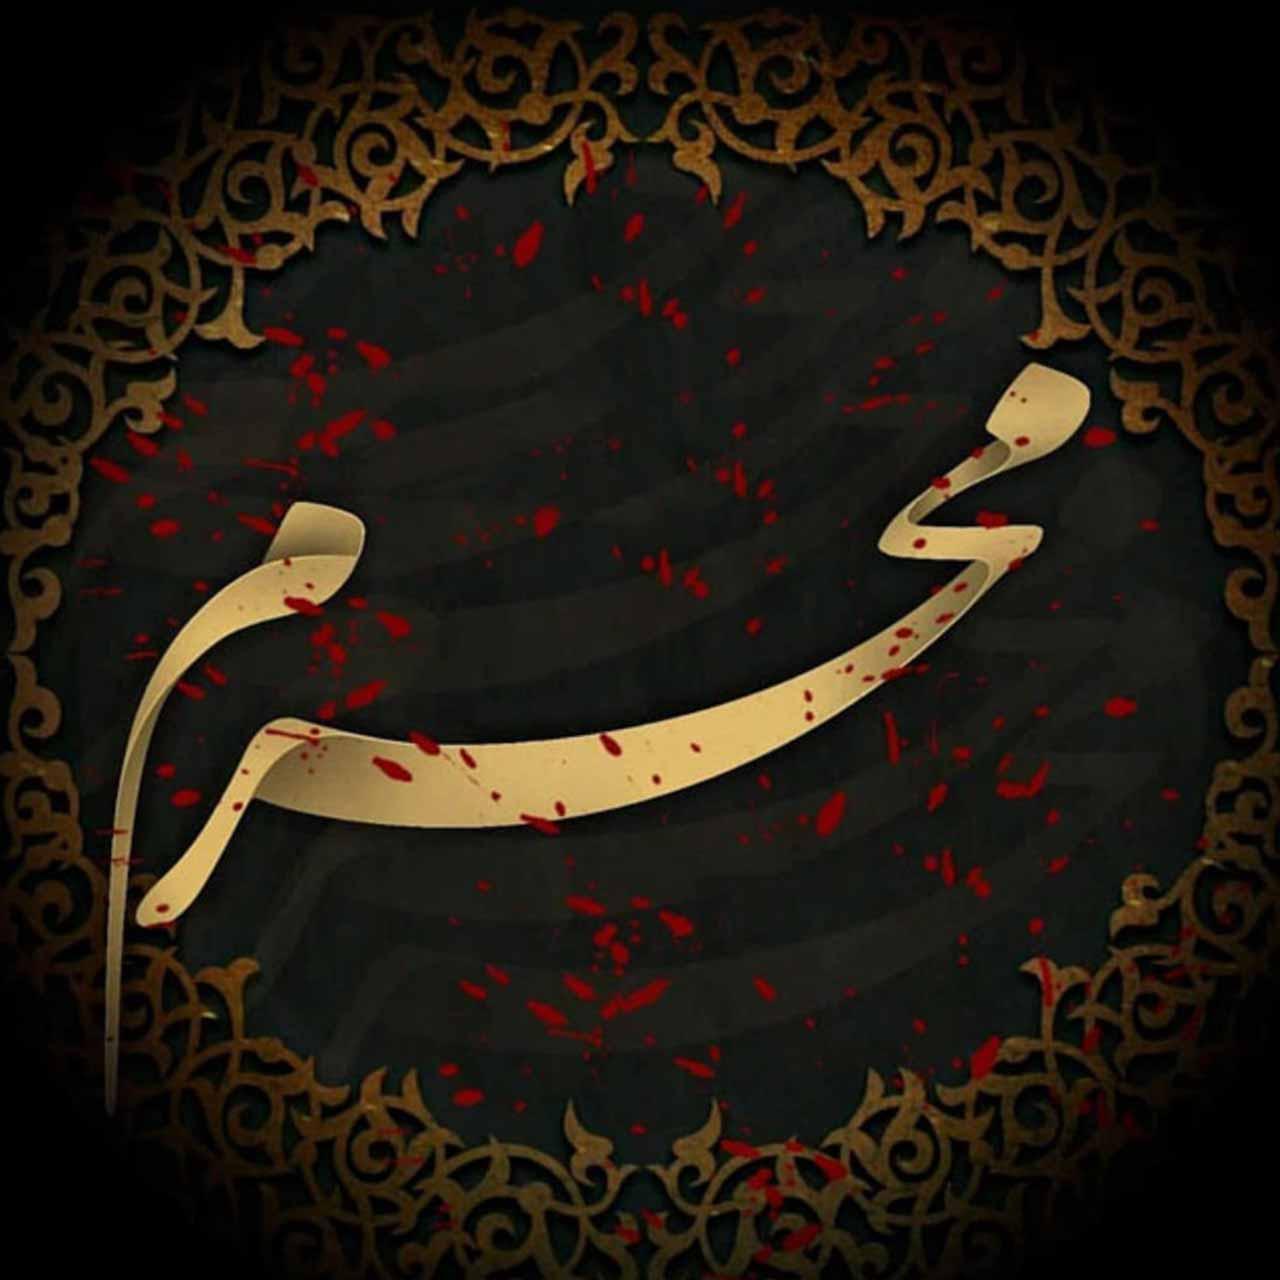 محرم اومه از محمد عباسی